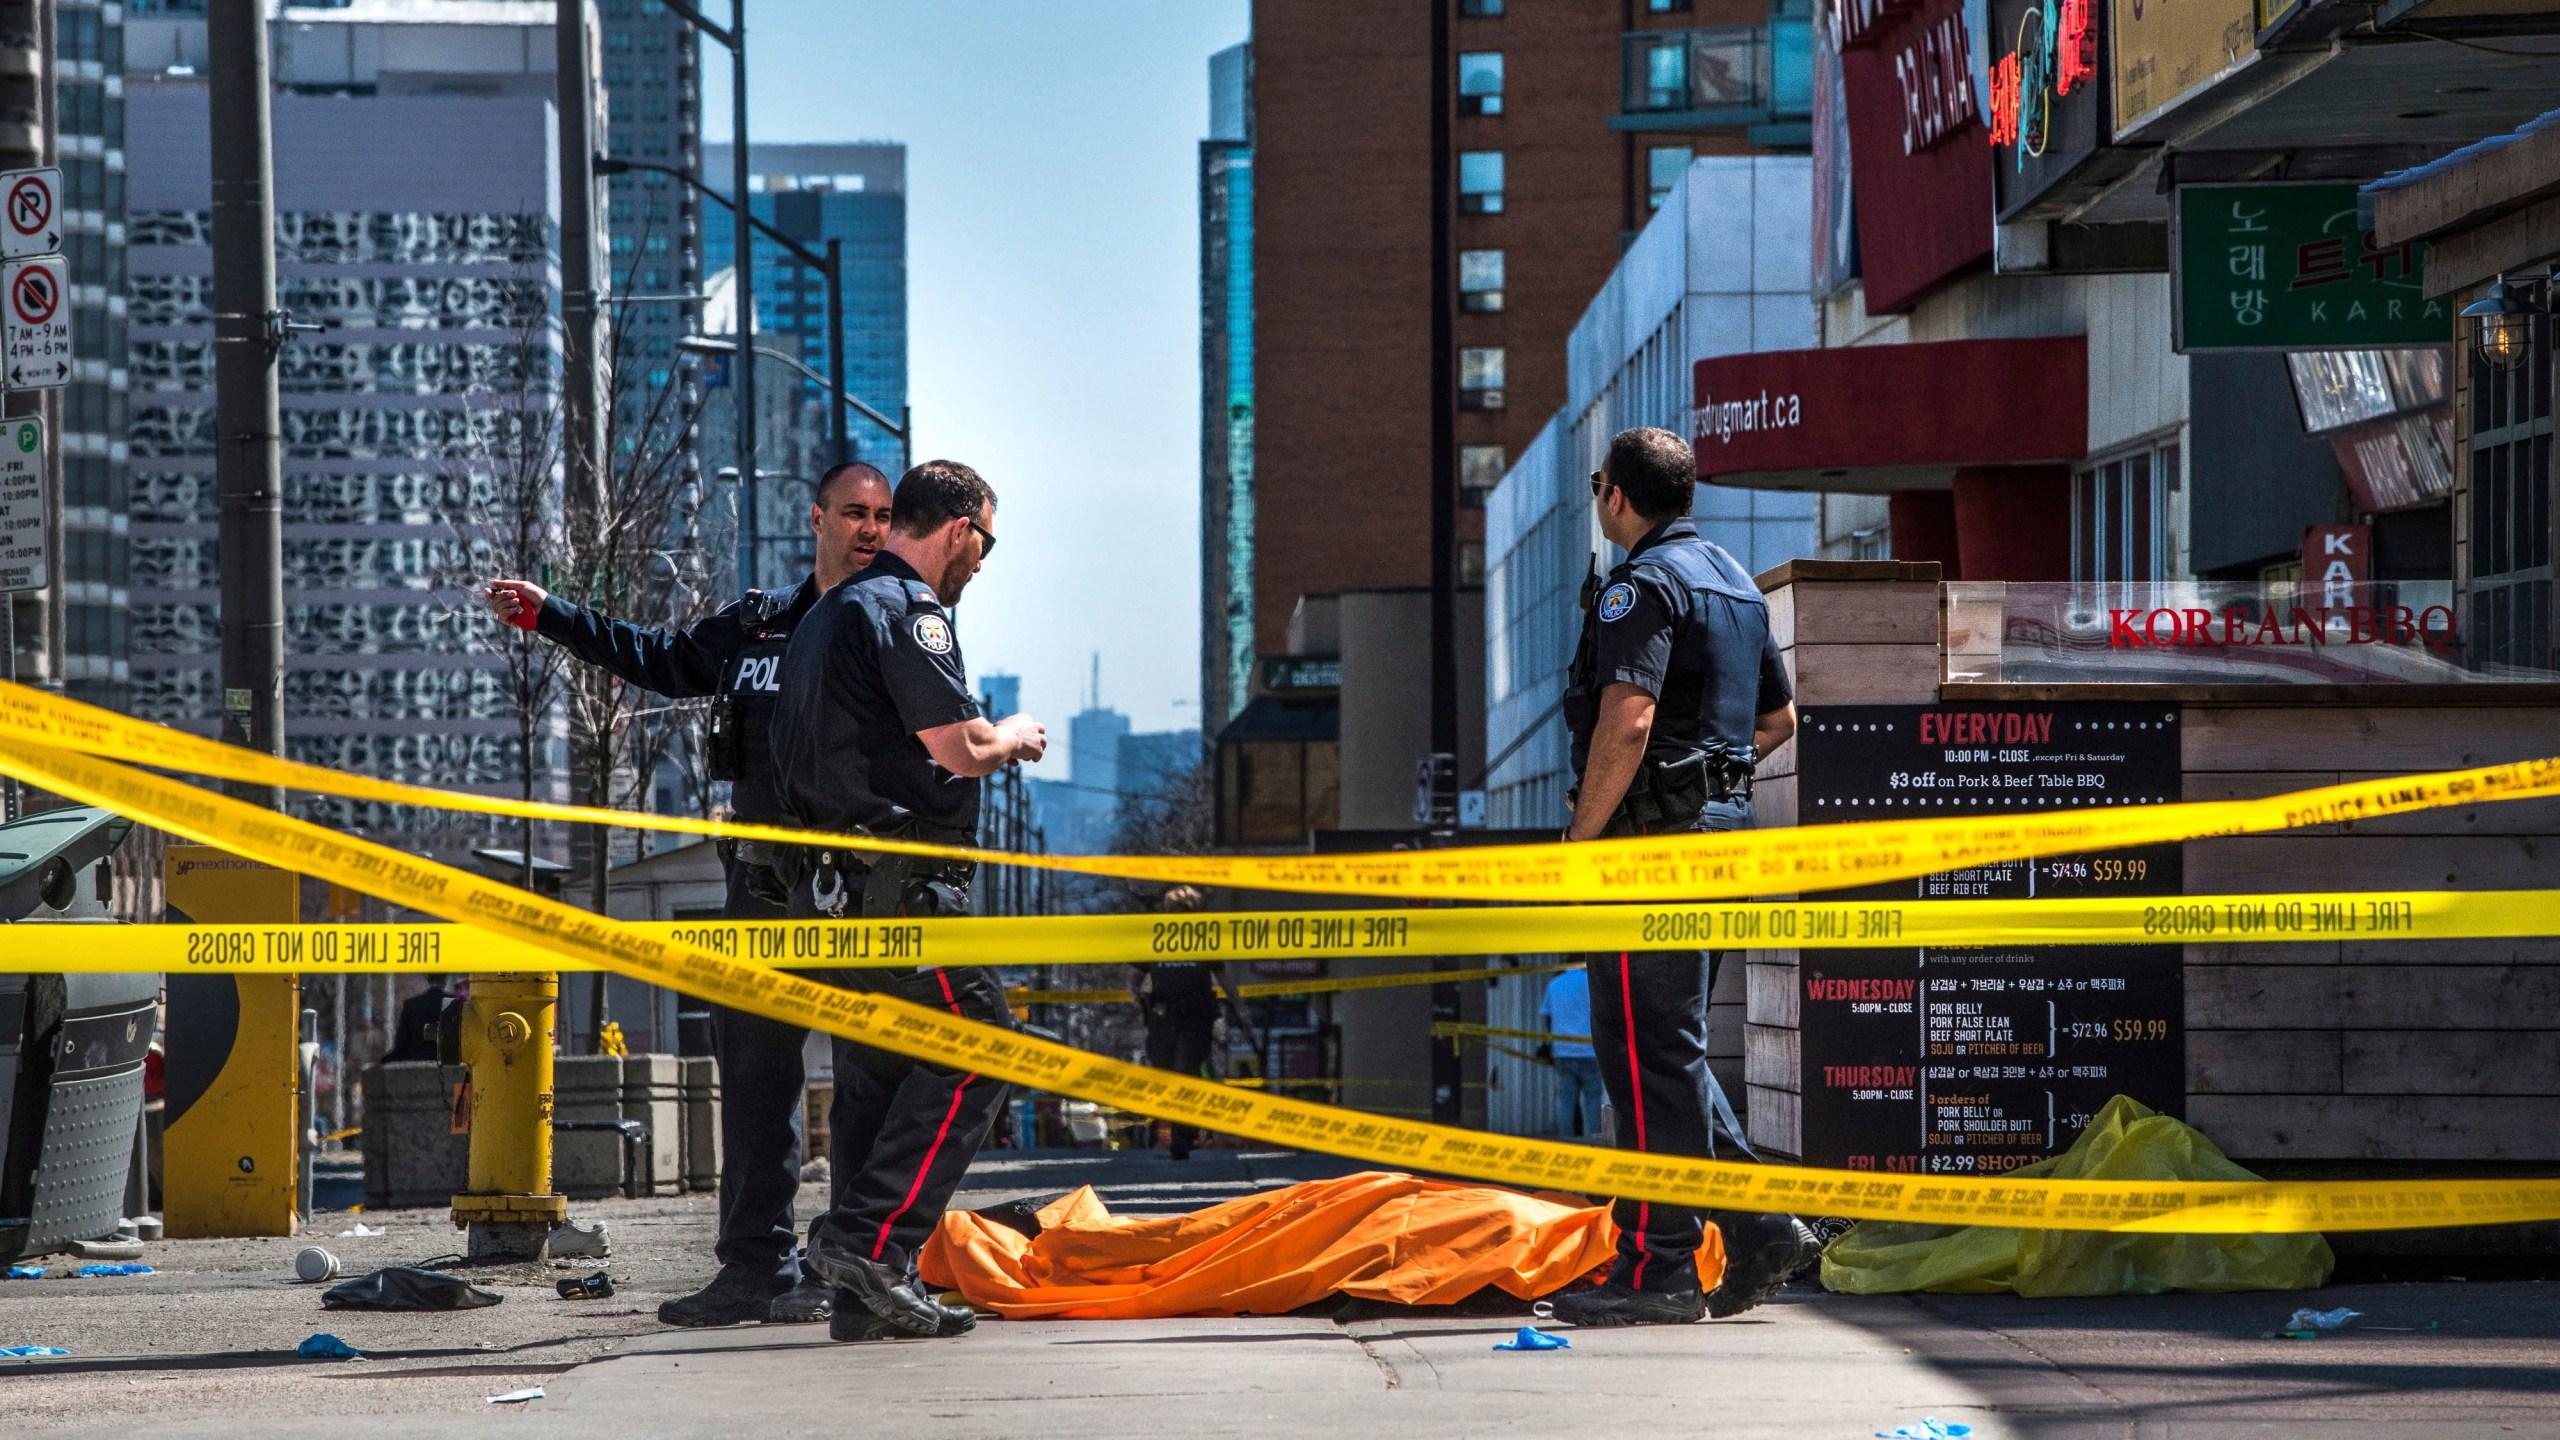 Van hits pedestrians in Toronto